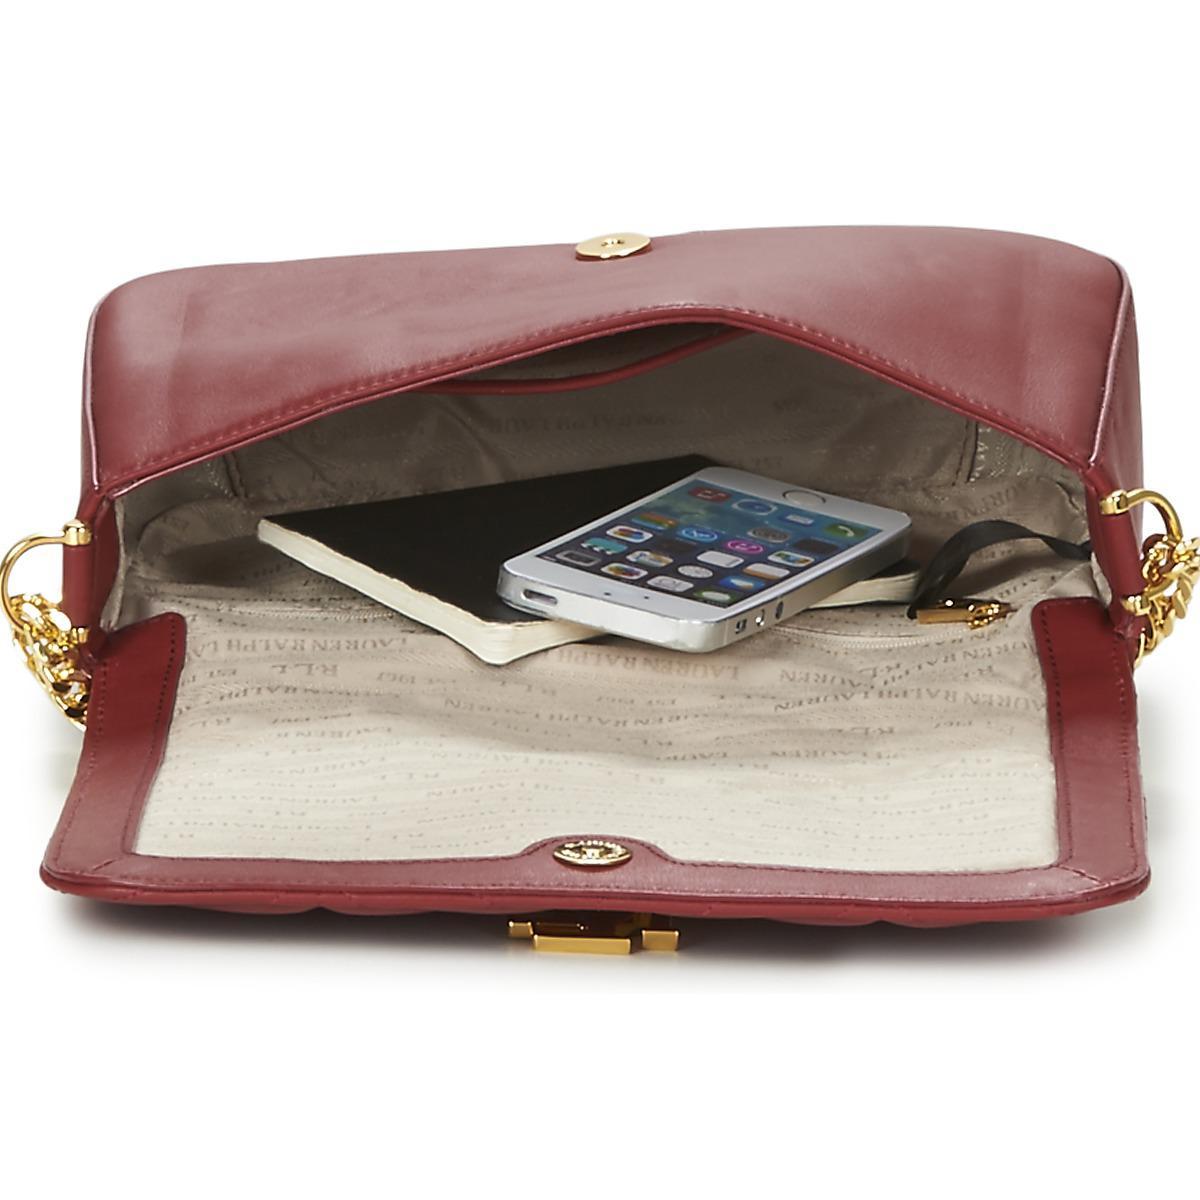 45464709e4 Lauren by Ralph Lauren Brenda Women s Shoulder Bag In Red in Red - Lyst